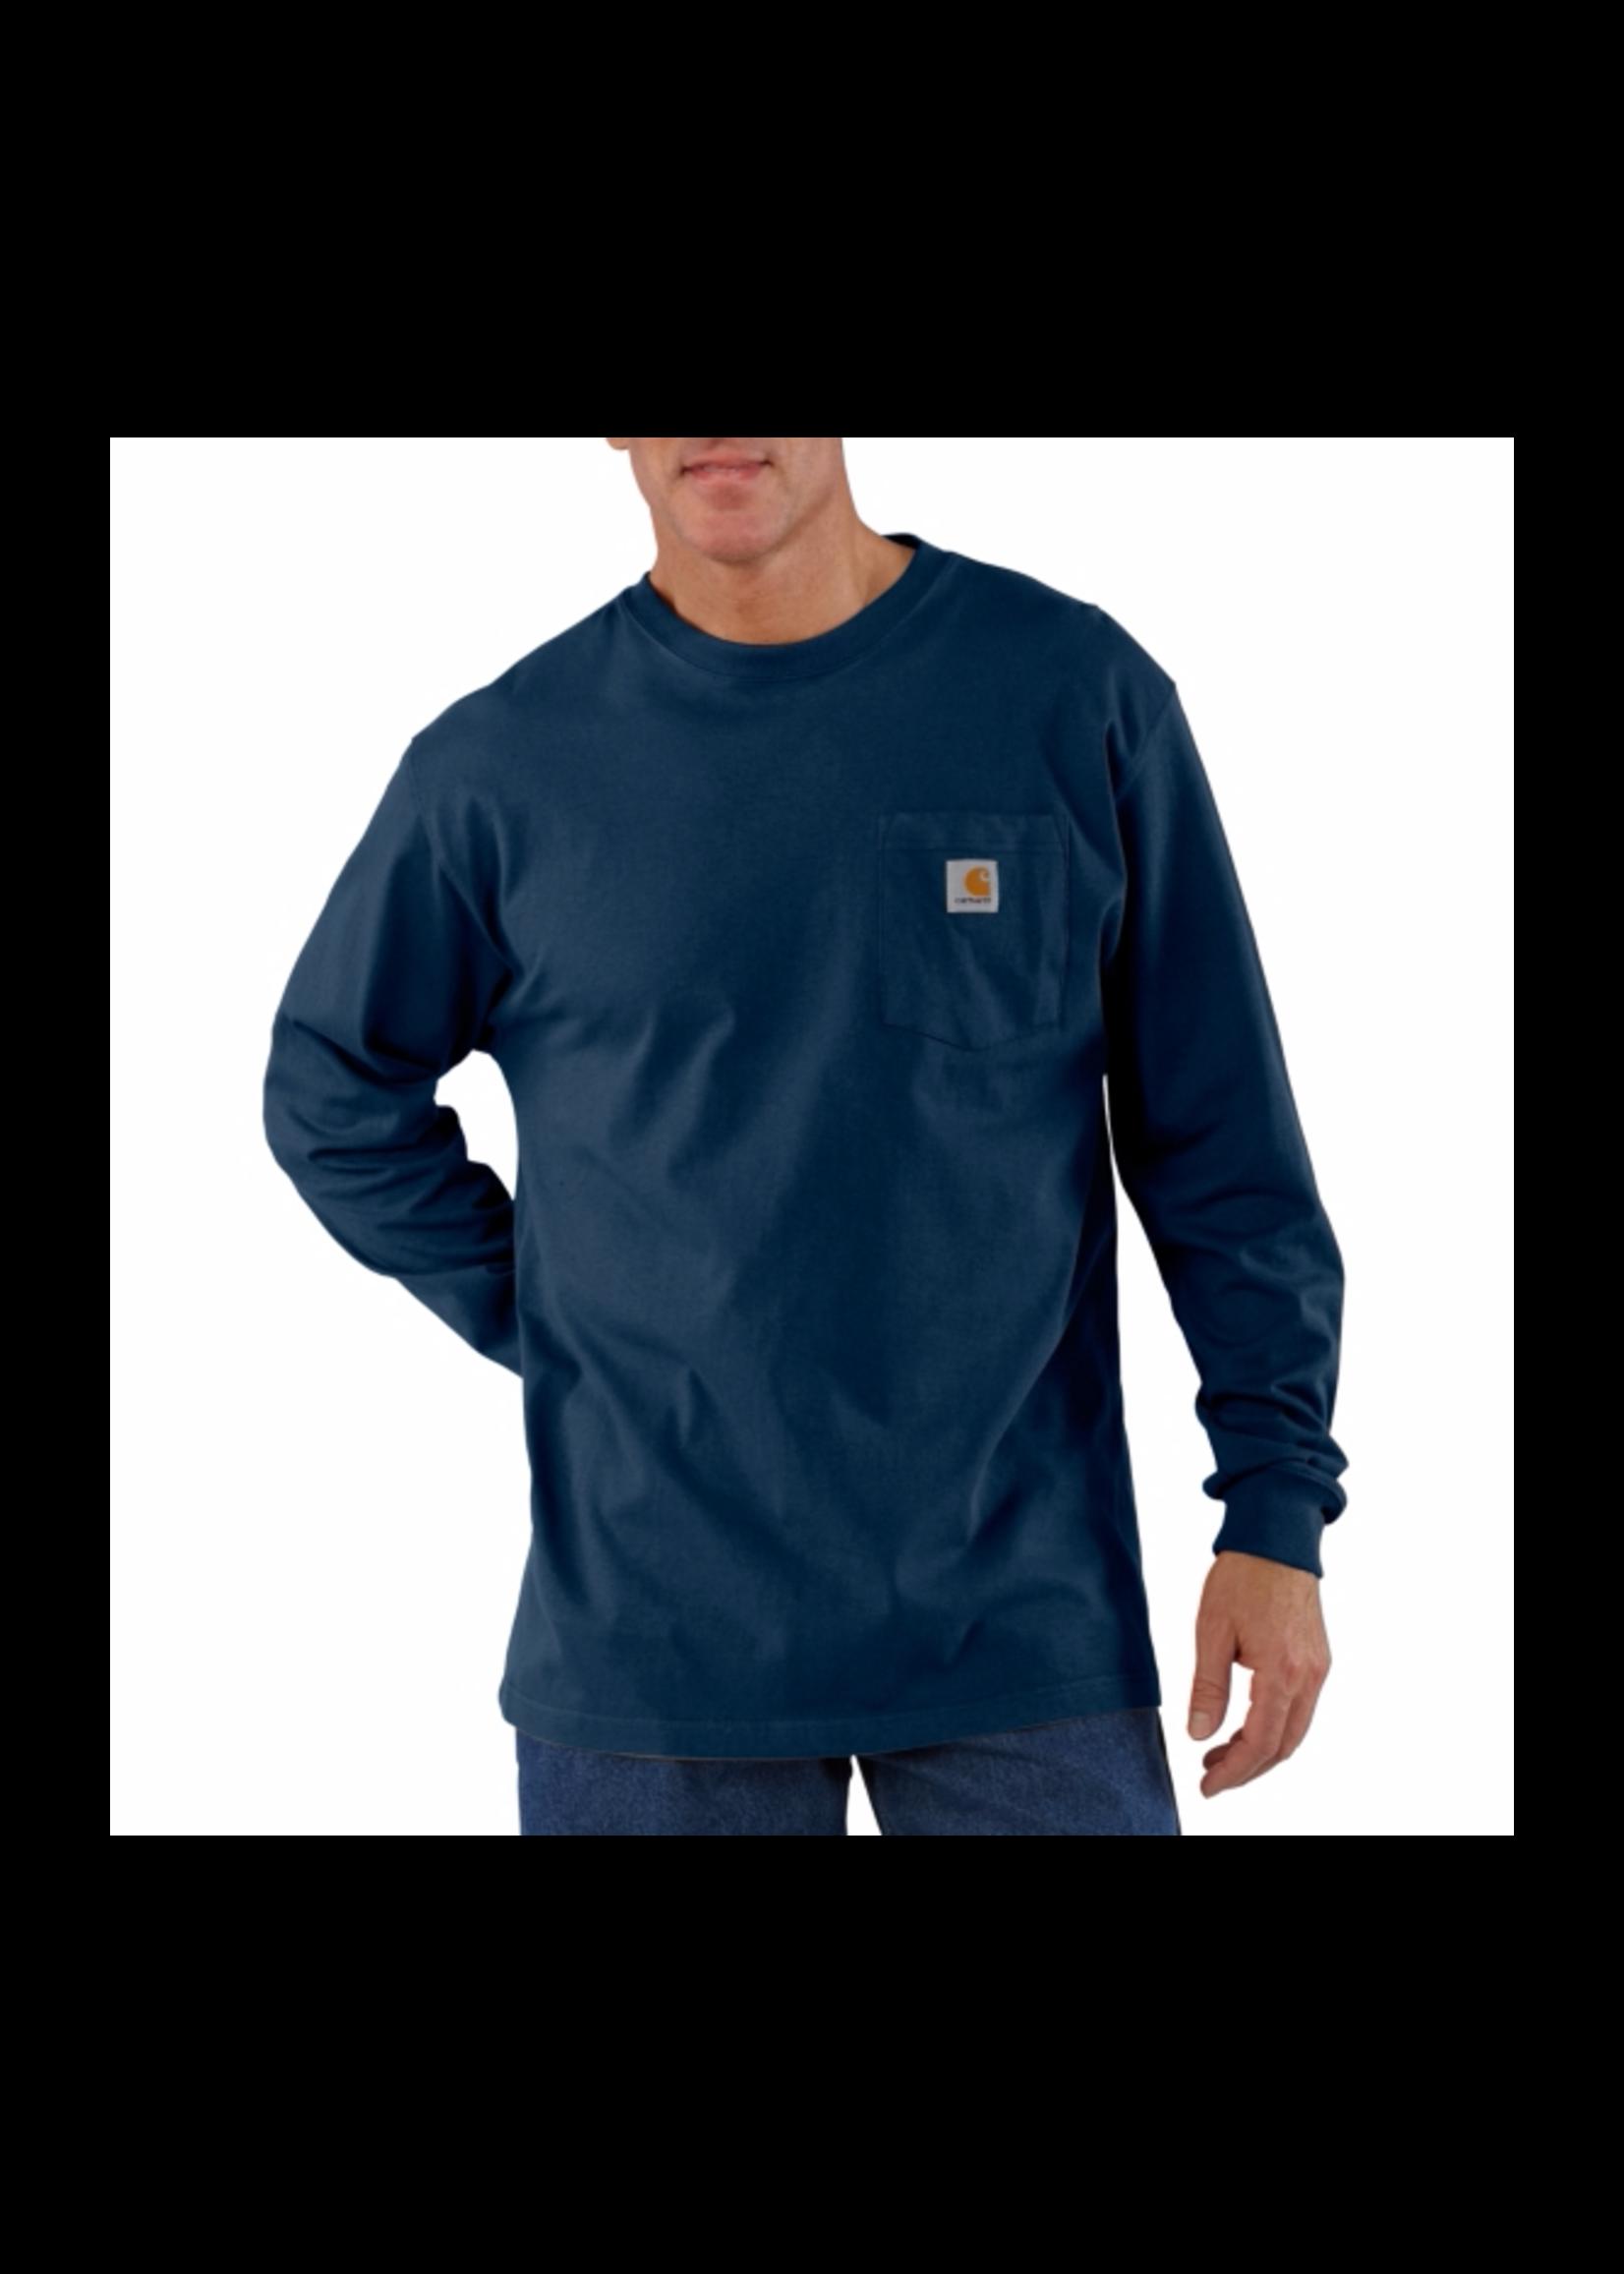 Carhartt Workwear Pkt LS T Shirt - Tall